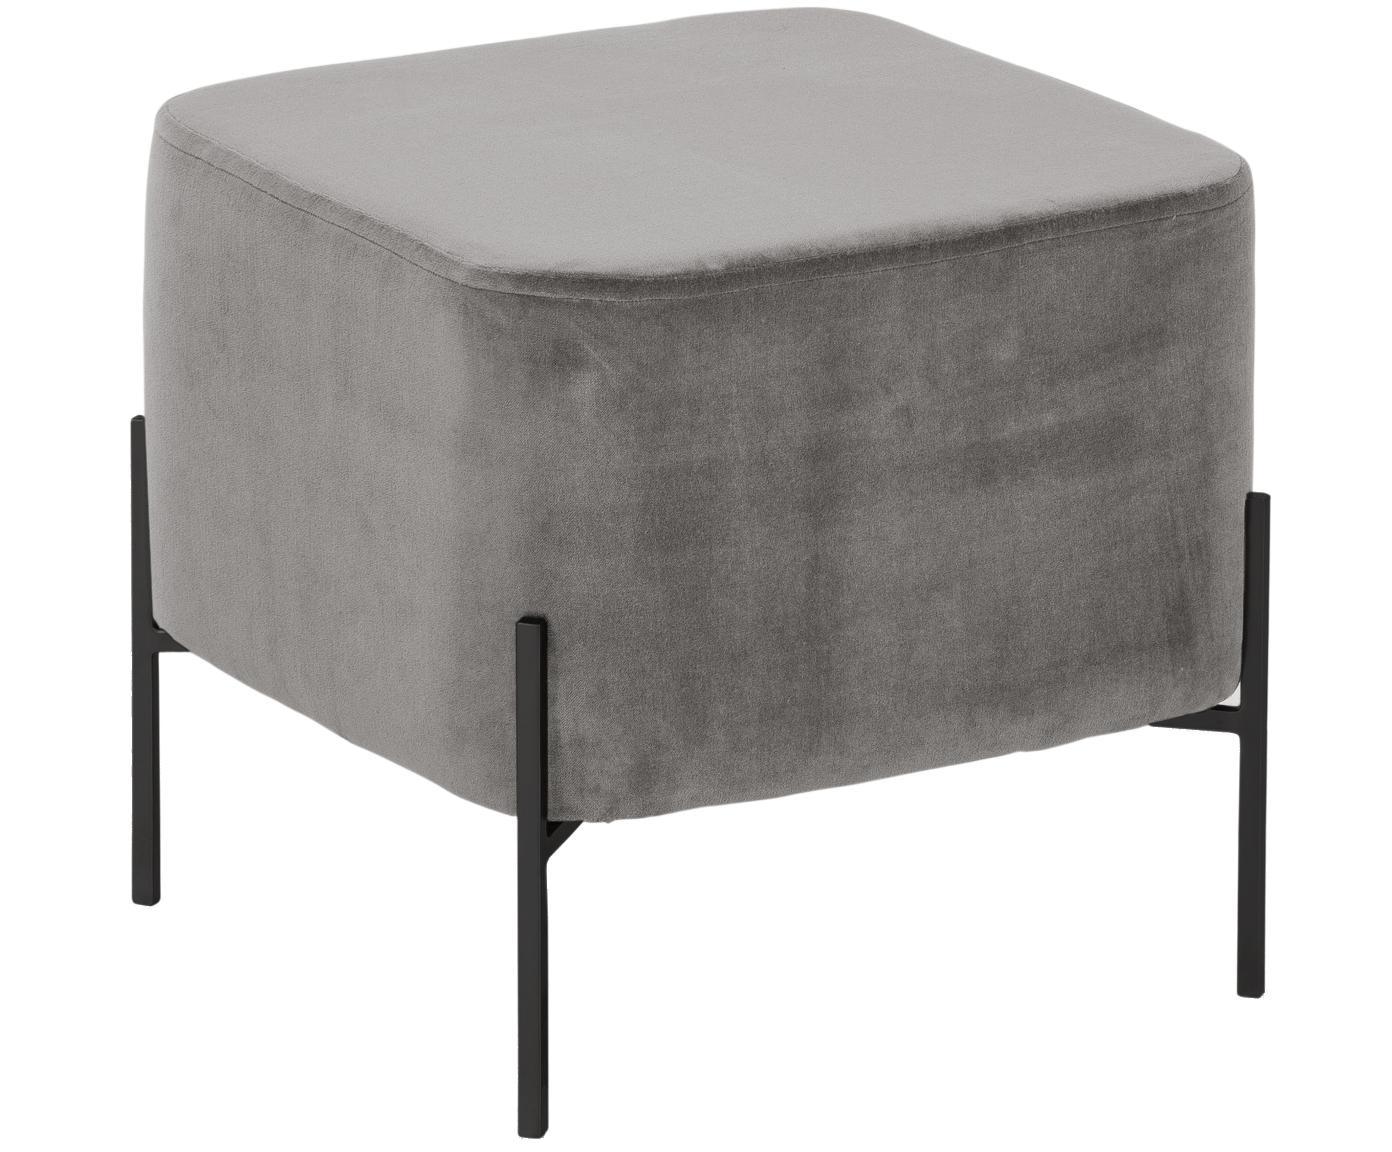 Pouf in velluto Harper, Rivestimento: velluto, Rivestimento: grigio Piedini: nero, Larg. 46 x Alt. 44 cm